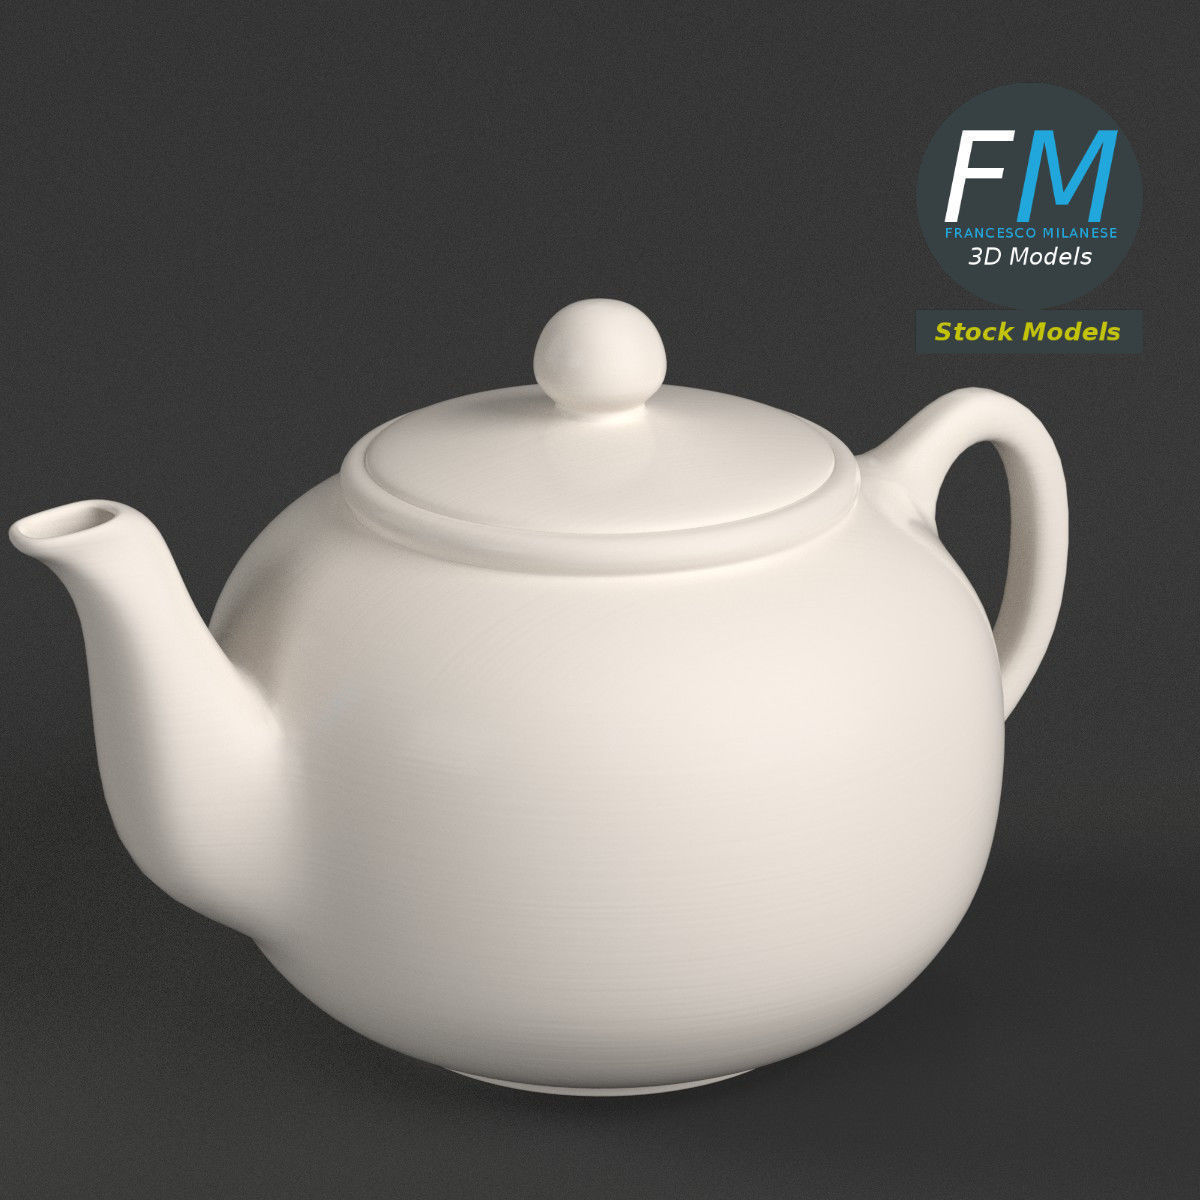 Porcelain teapot 1